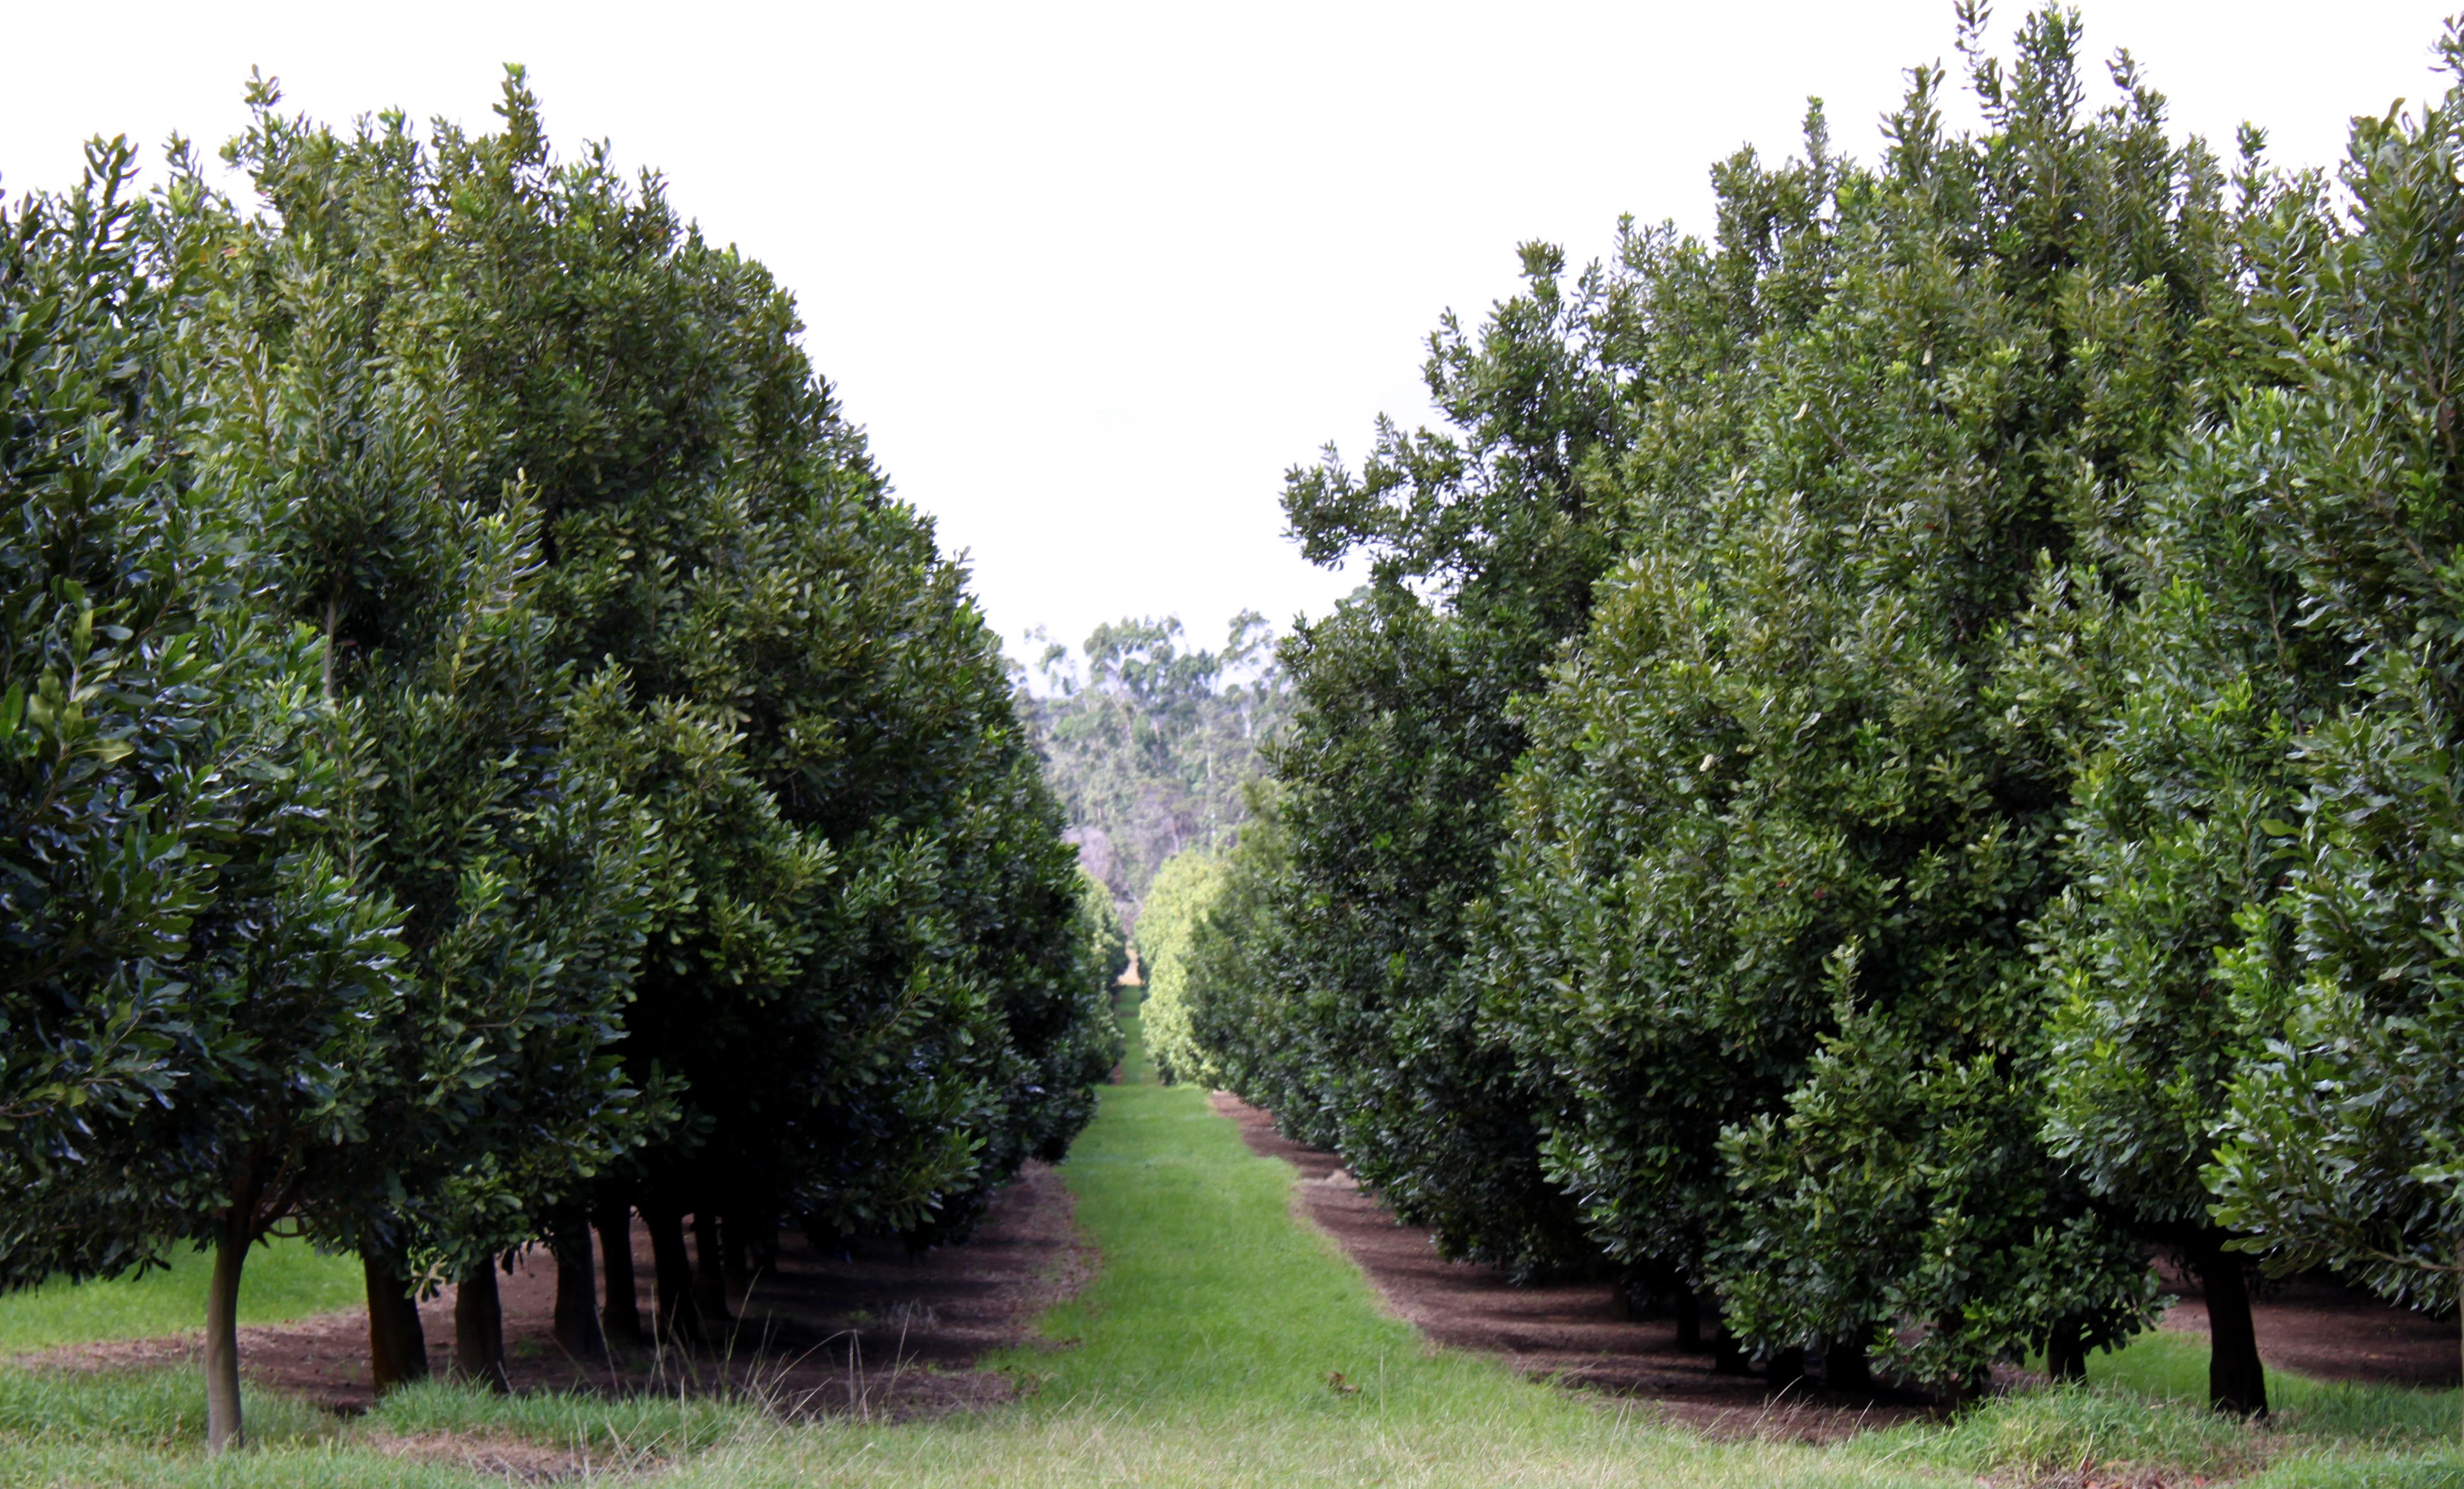 How The Macadamia Nut Helps Hawaii